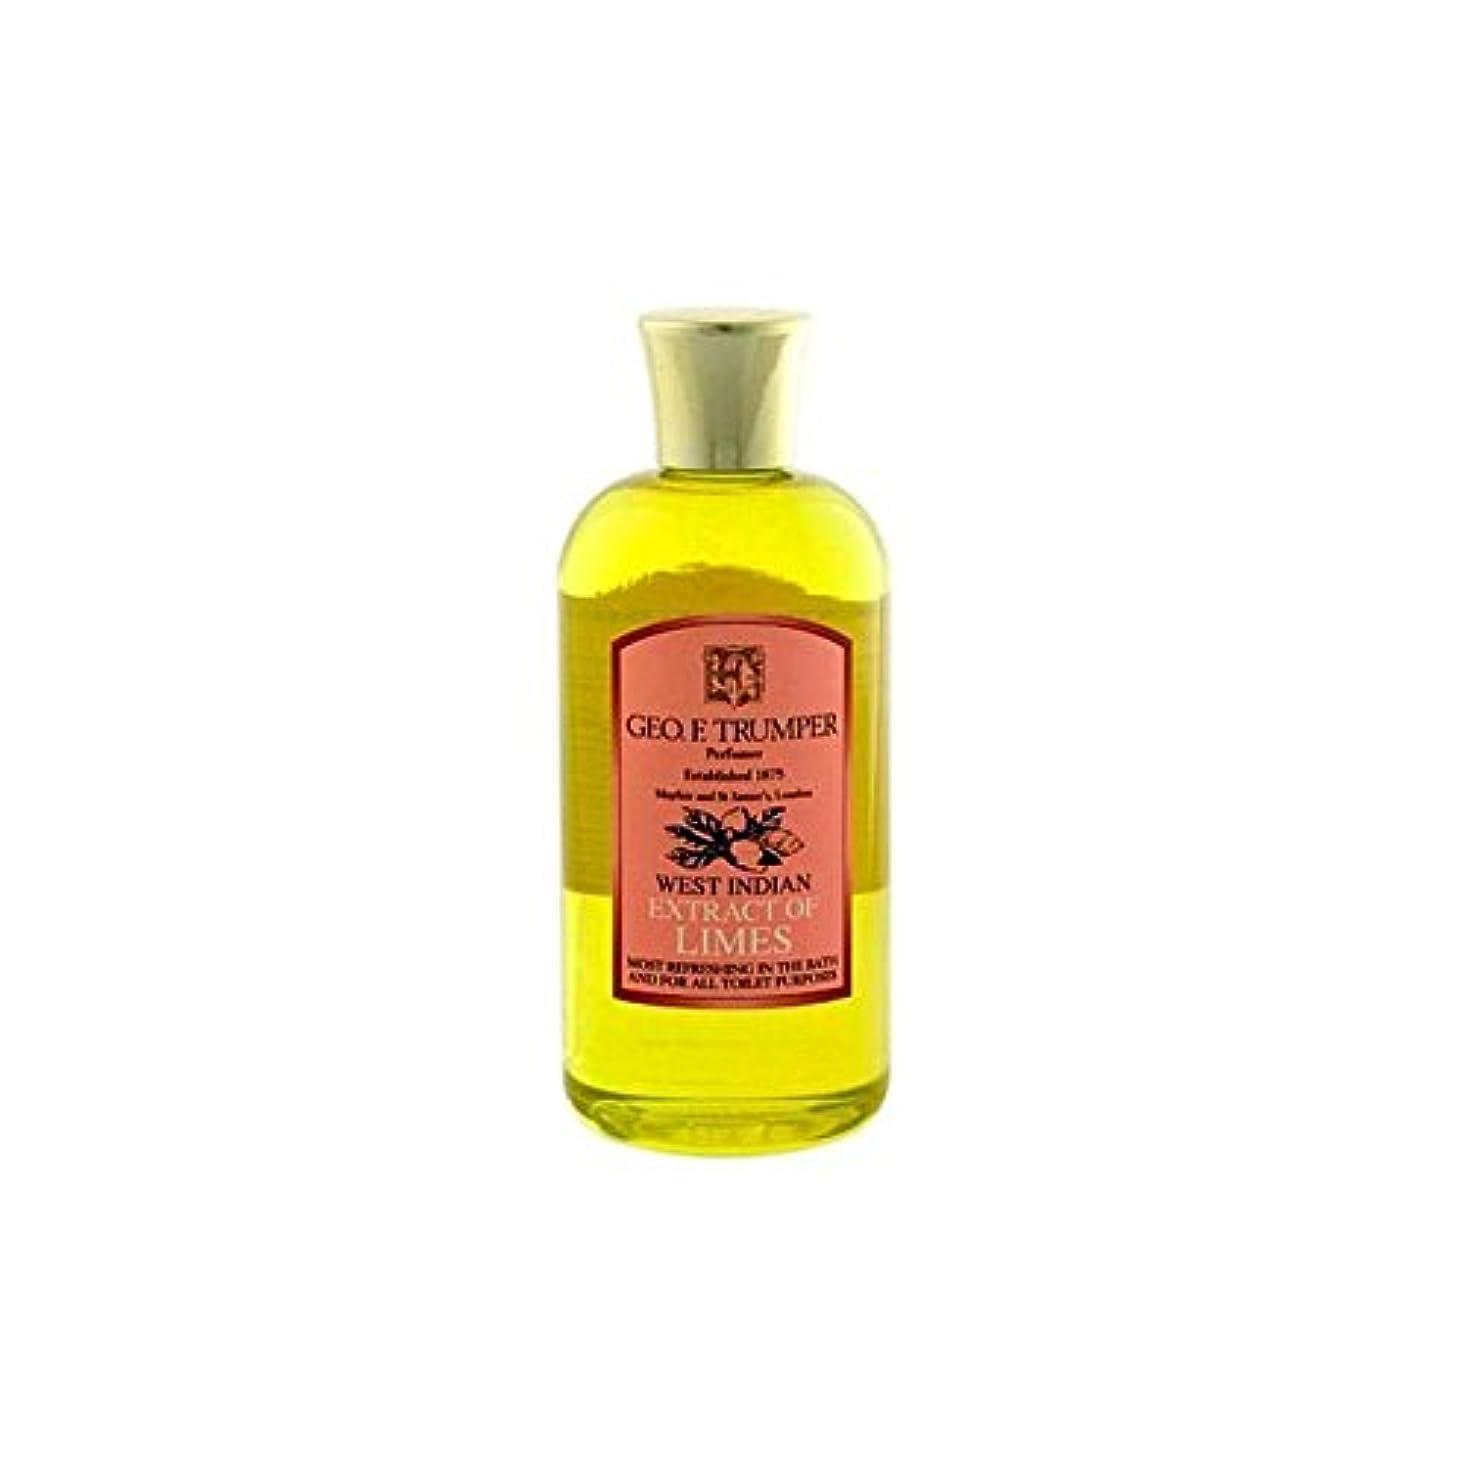 雹くそー健全ライムのバスタブとシャワージェル200の抽出物を x4 - Trumpers Extracts of Limes Bath and Shower Gel 200ml (Pack of 4) [並行輸入品]